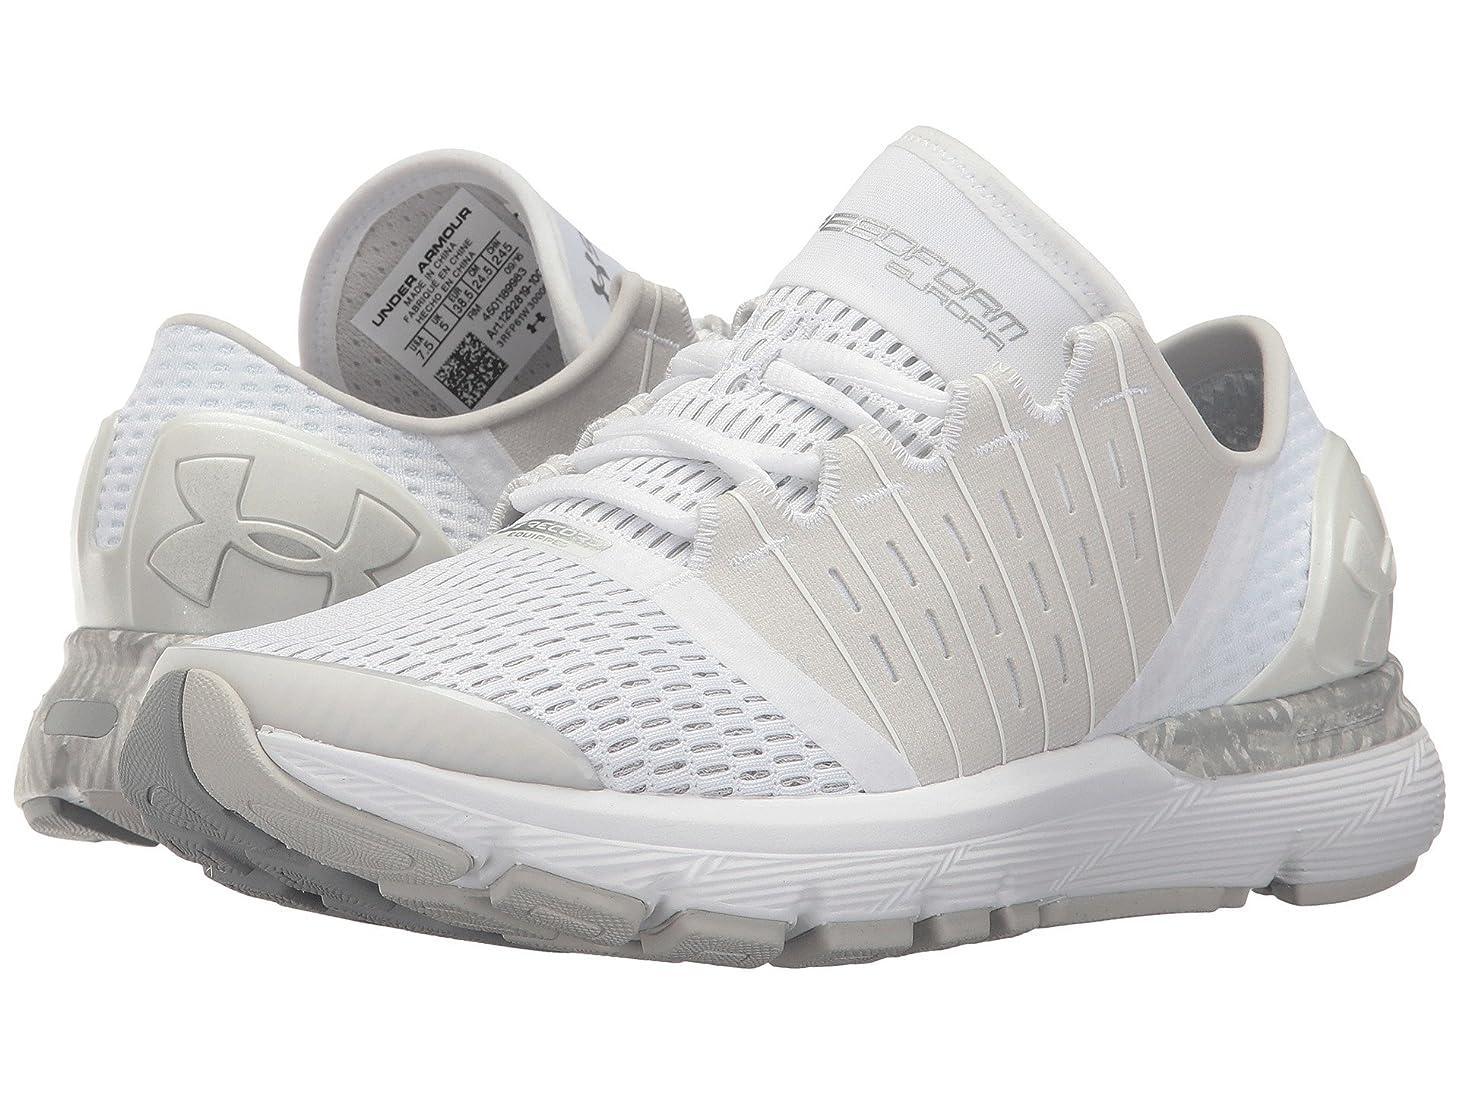 ビームスリラーたらい(アンダーアーマー) UNDER ARMOUR レディースランニングシューズ?スニーカー?靴 Speedform Europa City RE White/Glacier Grey/White 7 (24cm) B - Medium